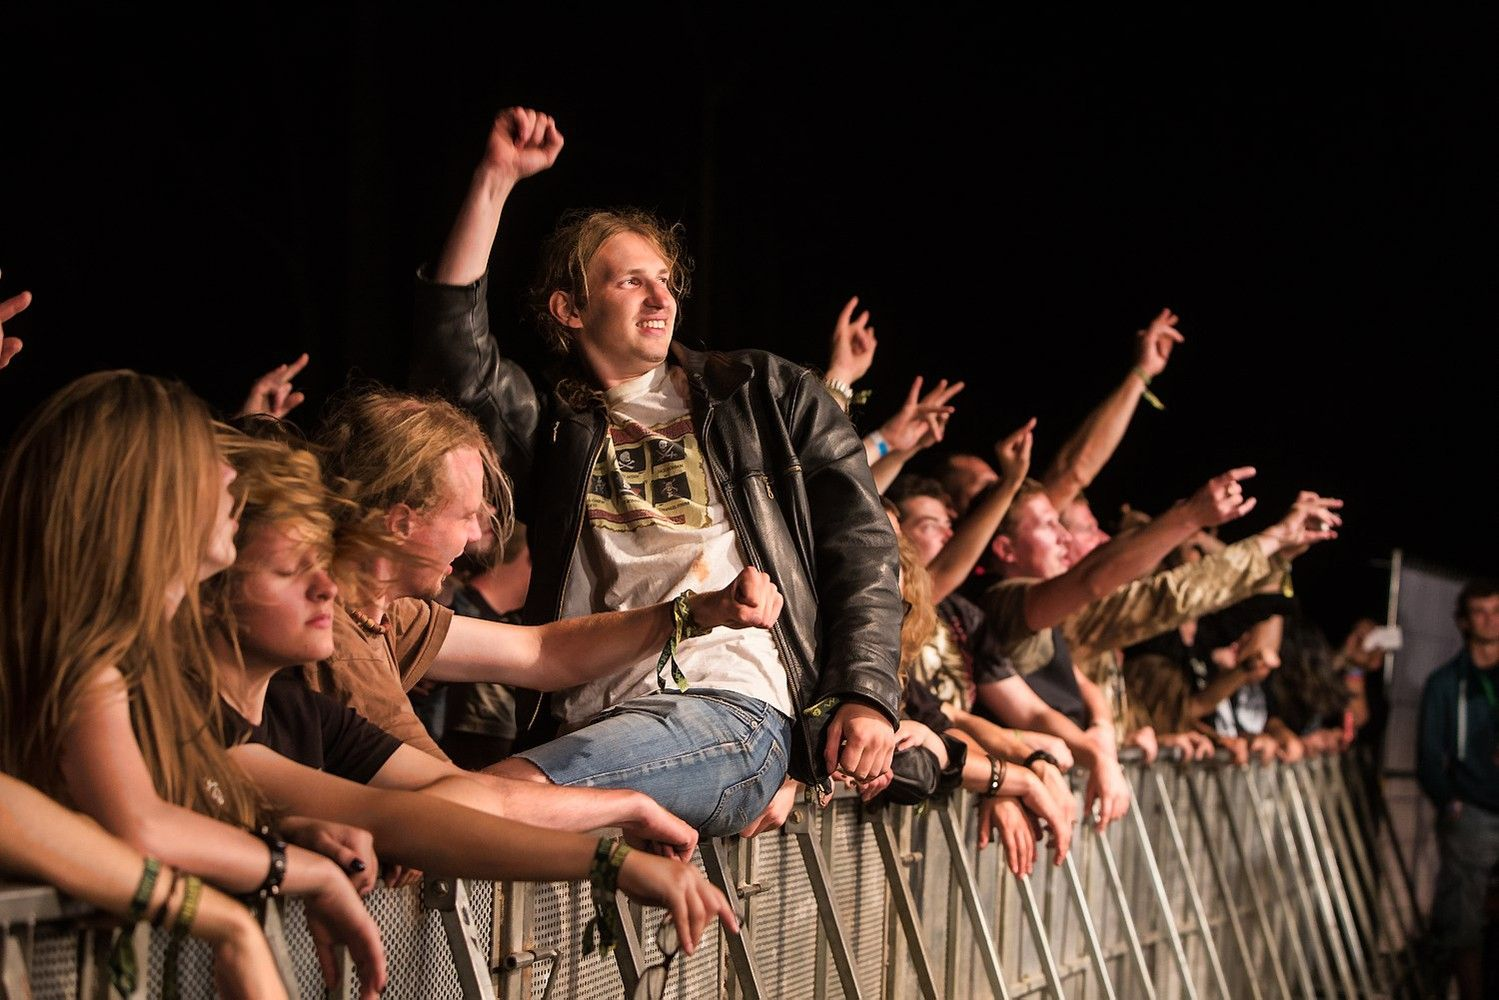 Alkoholio festivaliuose siūlo nebedrausti